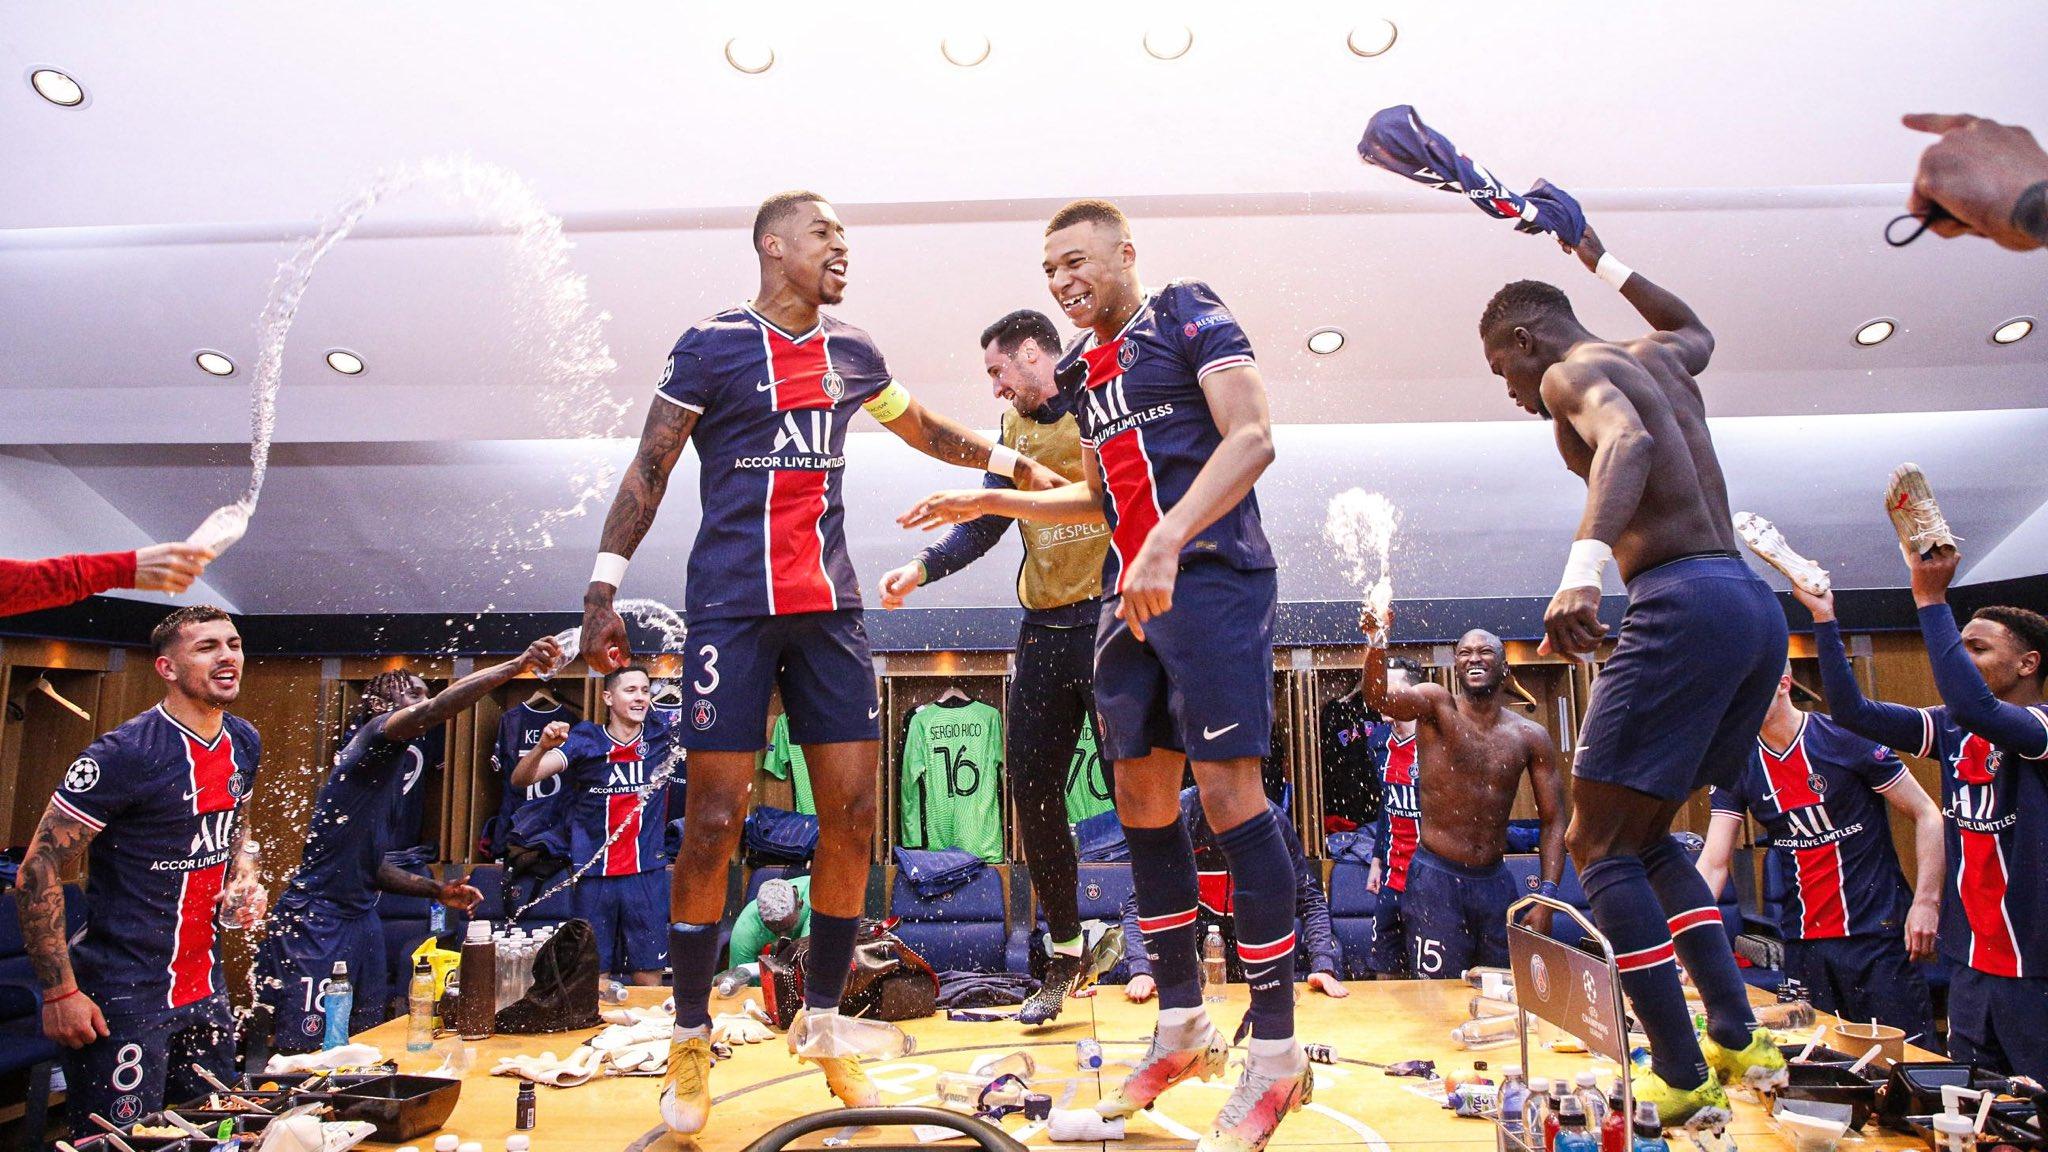 احتفالات لاعبى باريس سان جيرمان